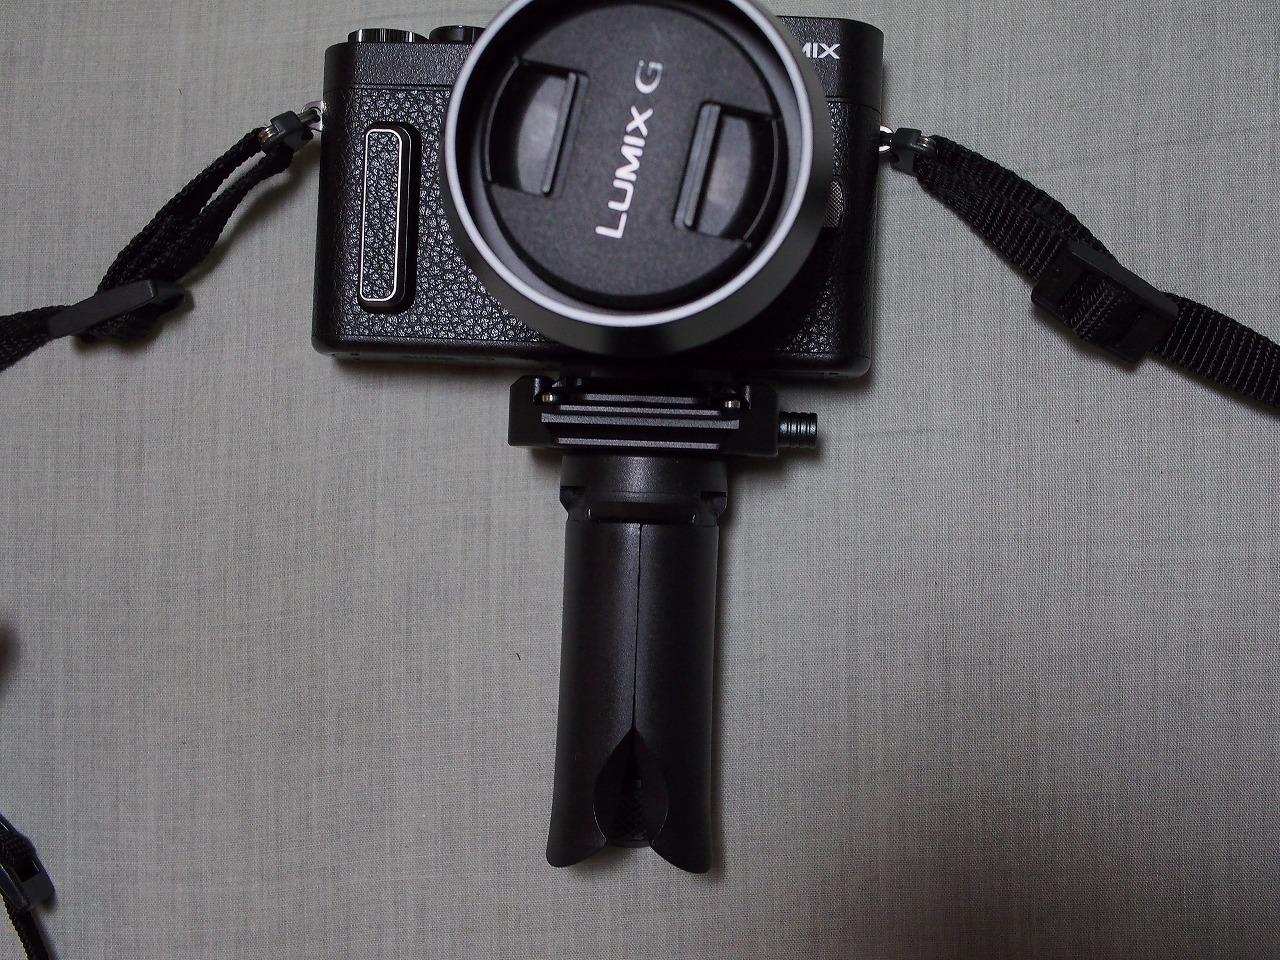 【カメラのハンドグリップ用】格安 卓上ミニ三脚を使ってみました